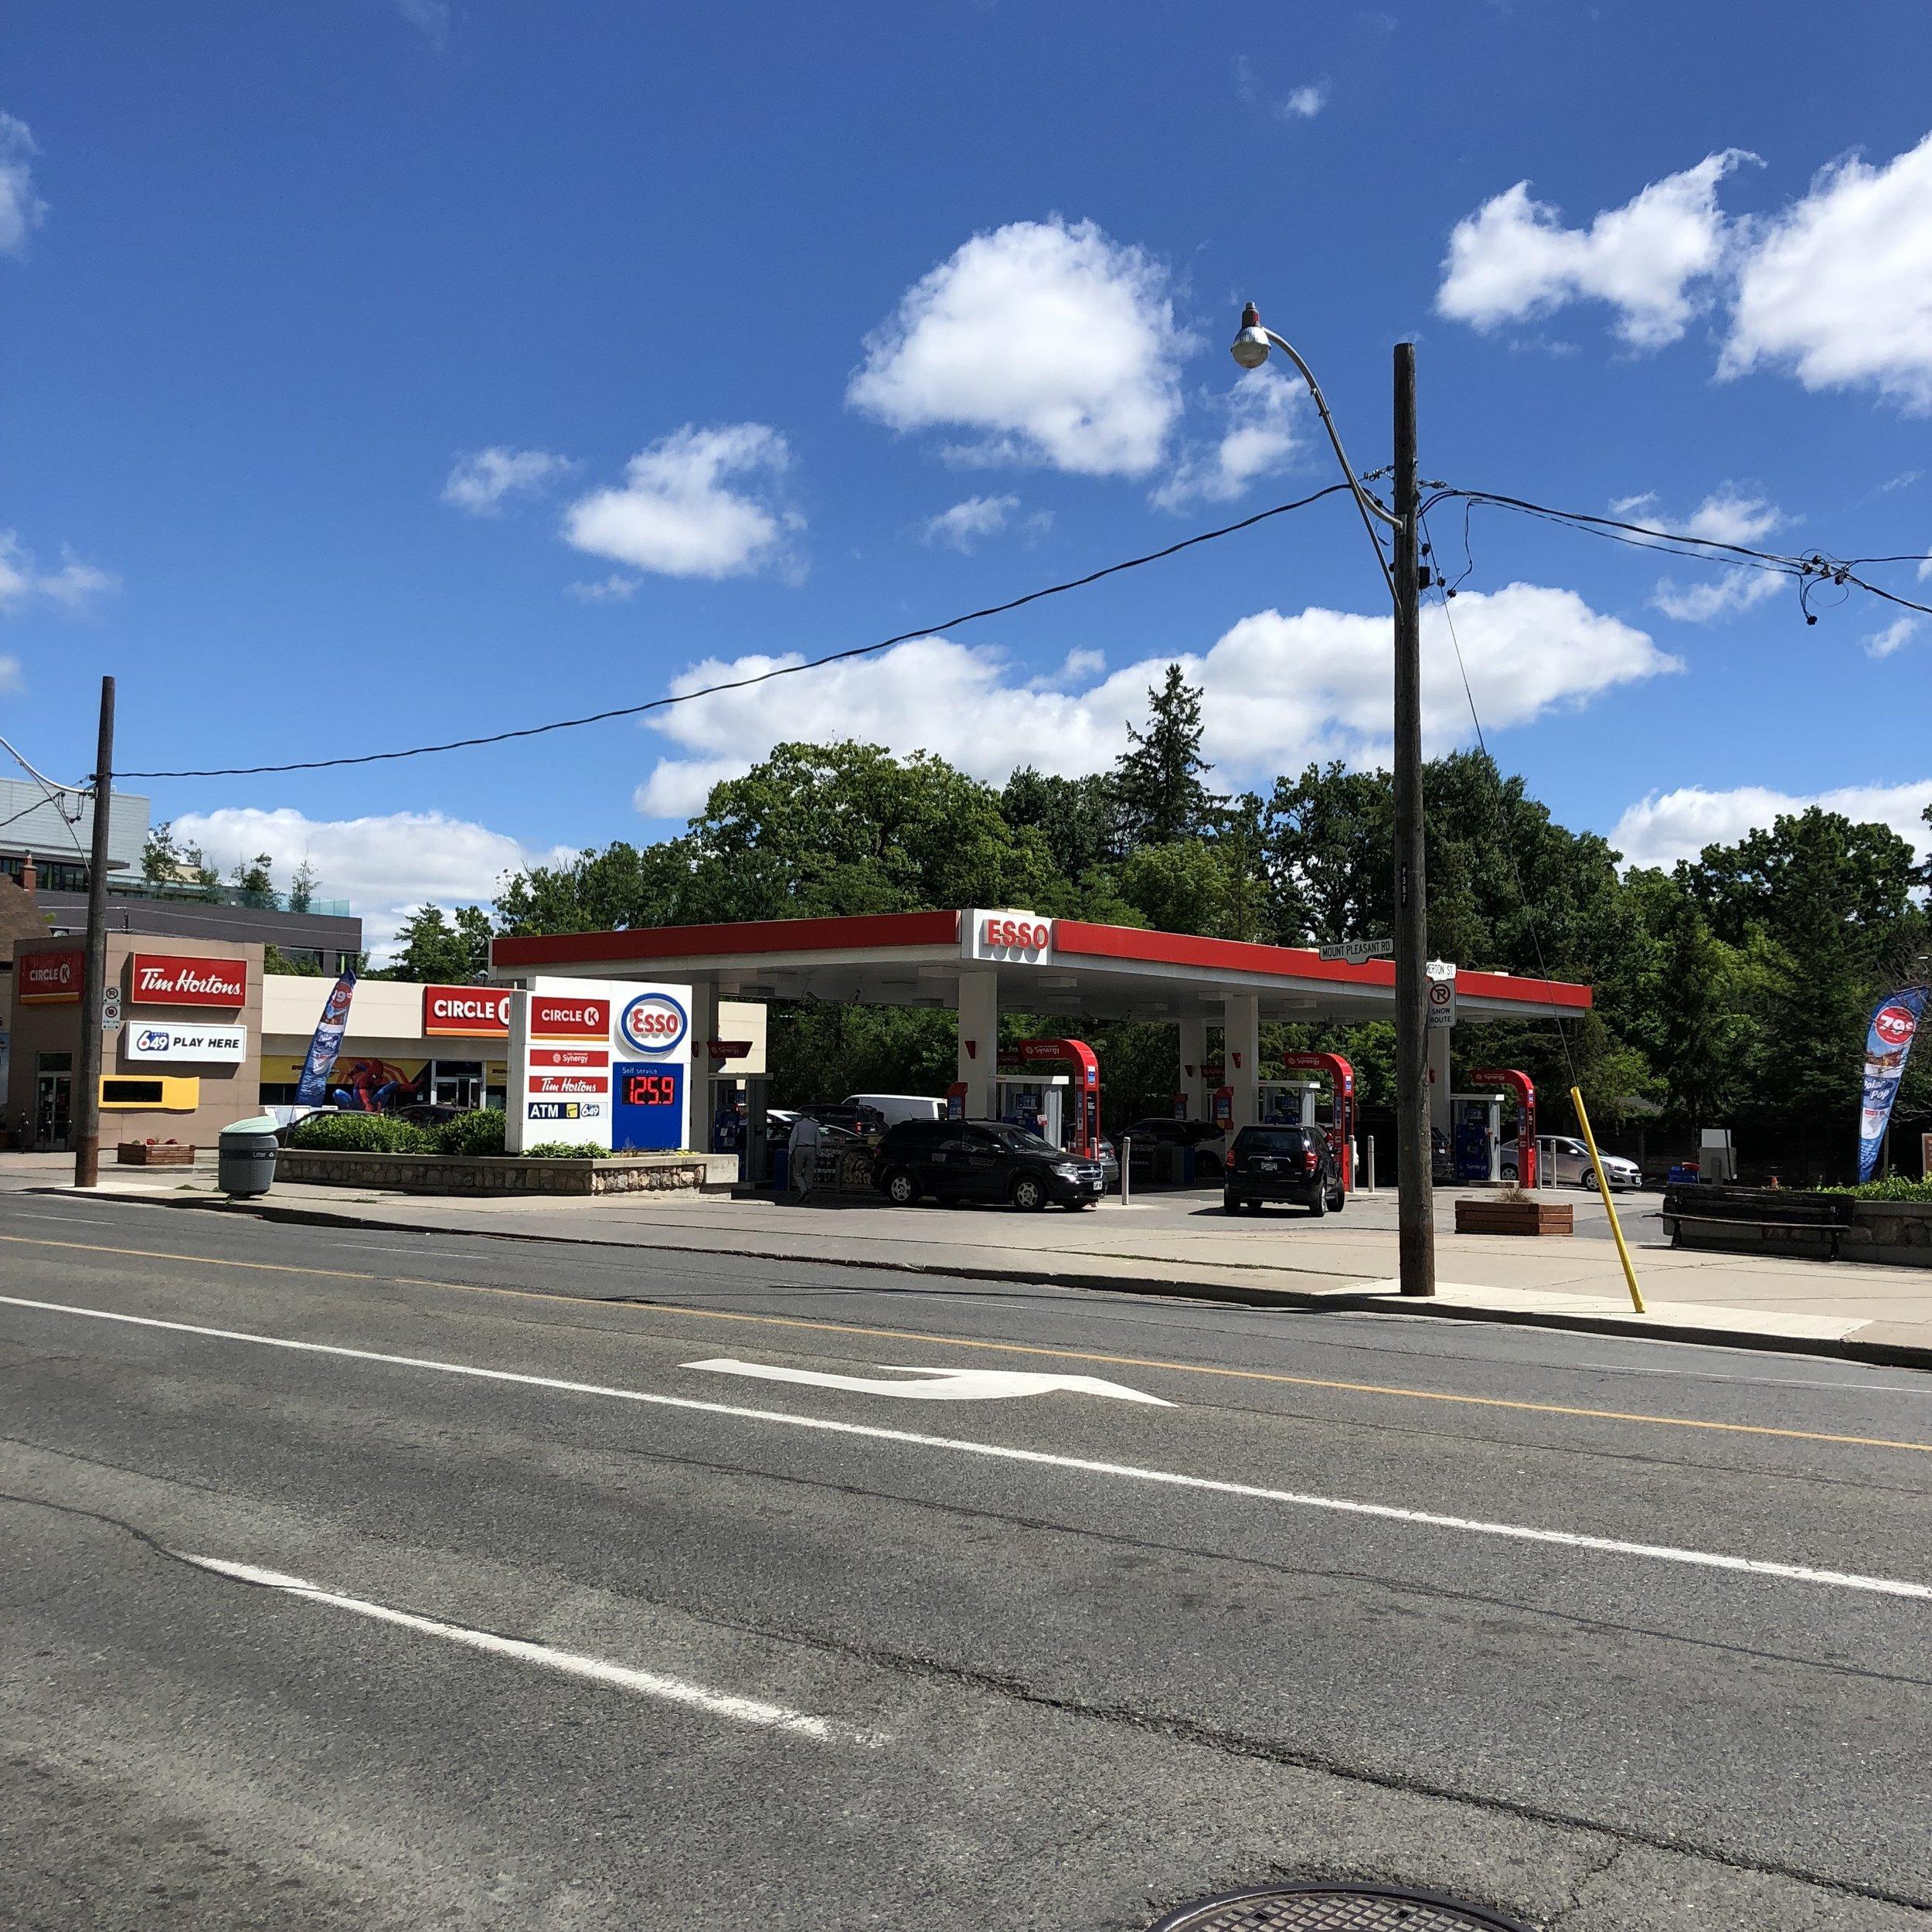 Mount Pleasant and Merton, northwest corner Davisville Post 2019